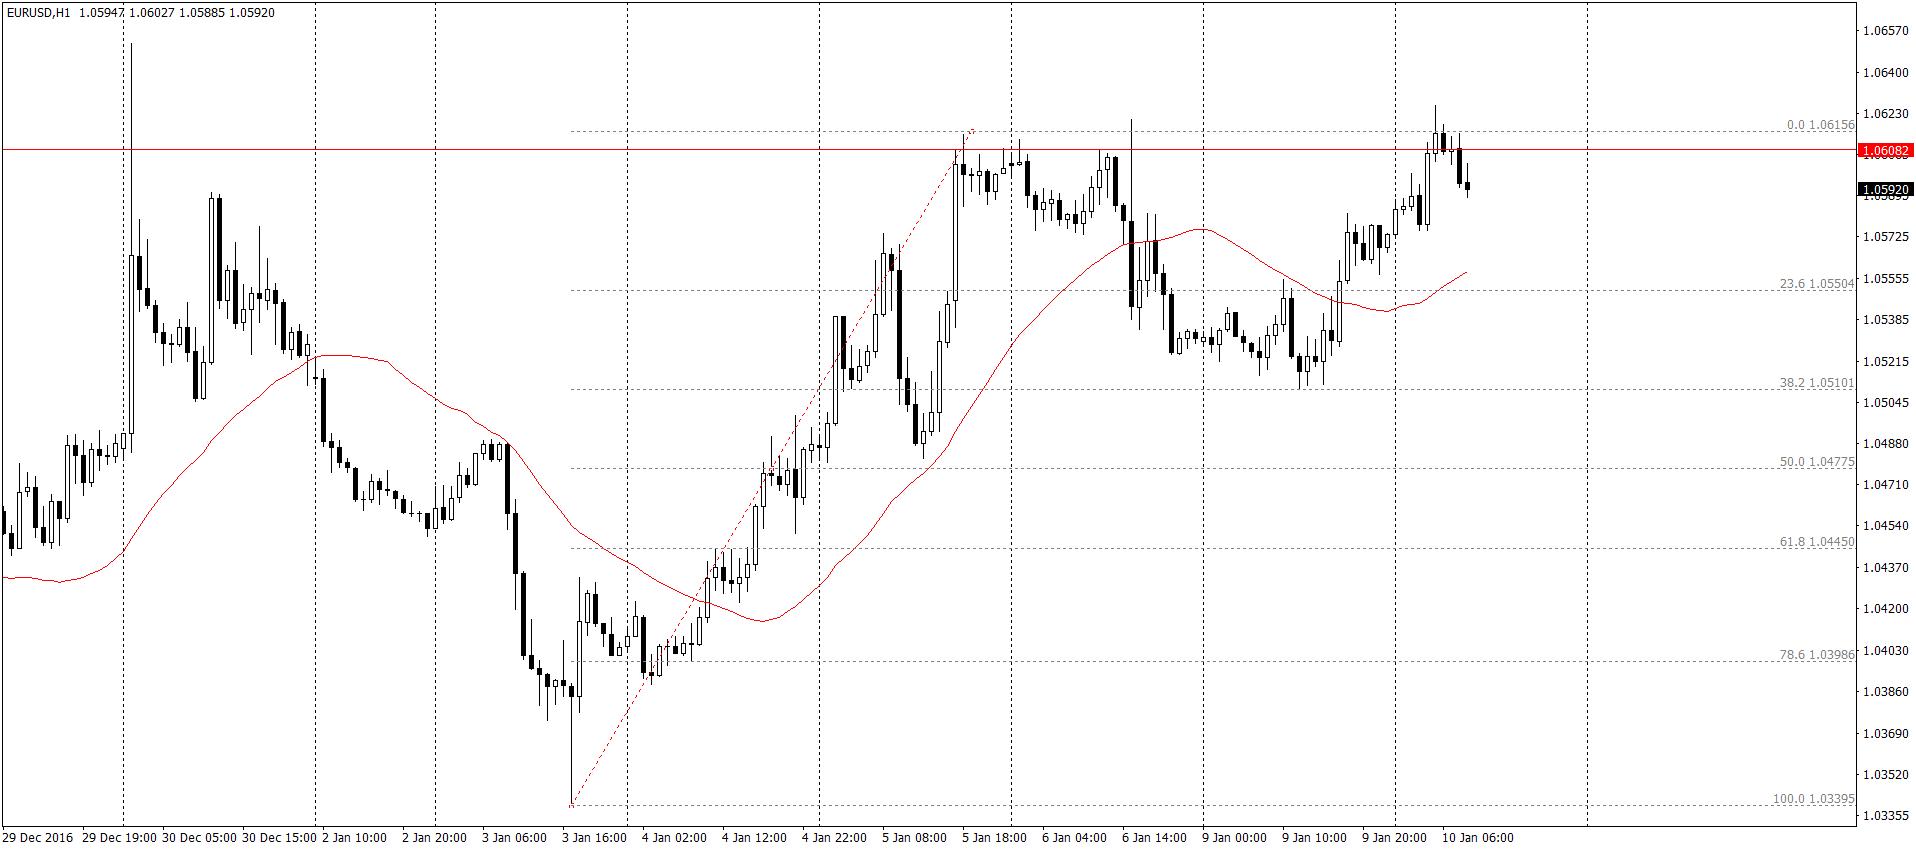 EUR/USD H1 – Eurodolar we wtorek kontynuuje wzrosty, które rozpoczęło 38.2% zniesienia Fibonacciego. Notowania w tym momencie zatrzymały się pod maksimami sesji z 5 i 6 stycznia (okolice 1.0616)